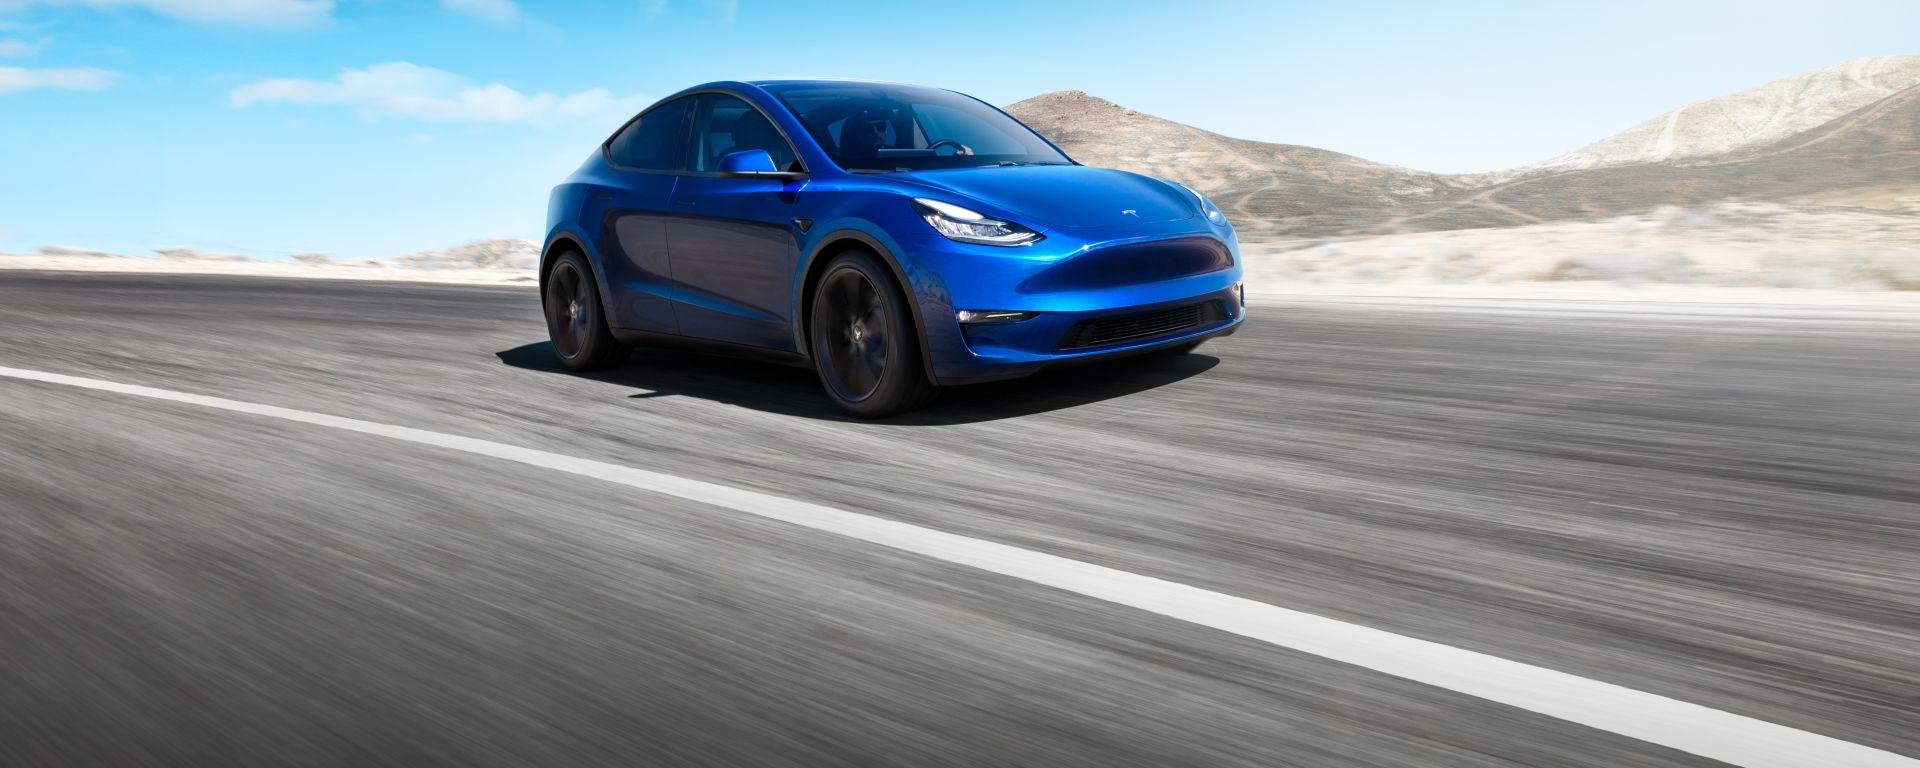 Nuova Tesla Model Y: vista 3/4 anteriore